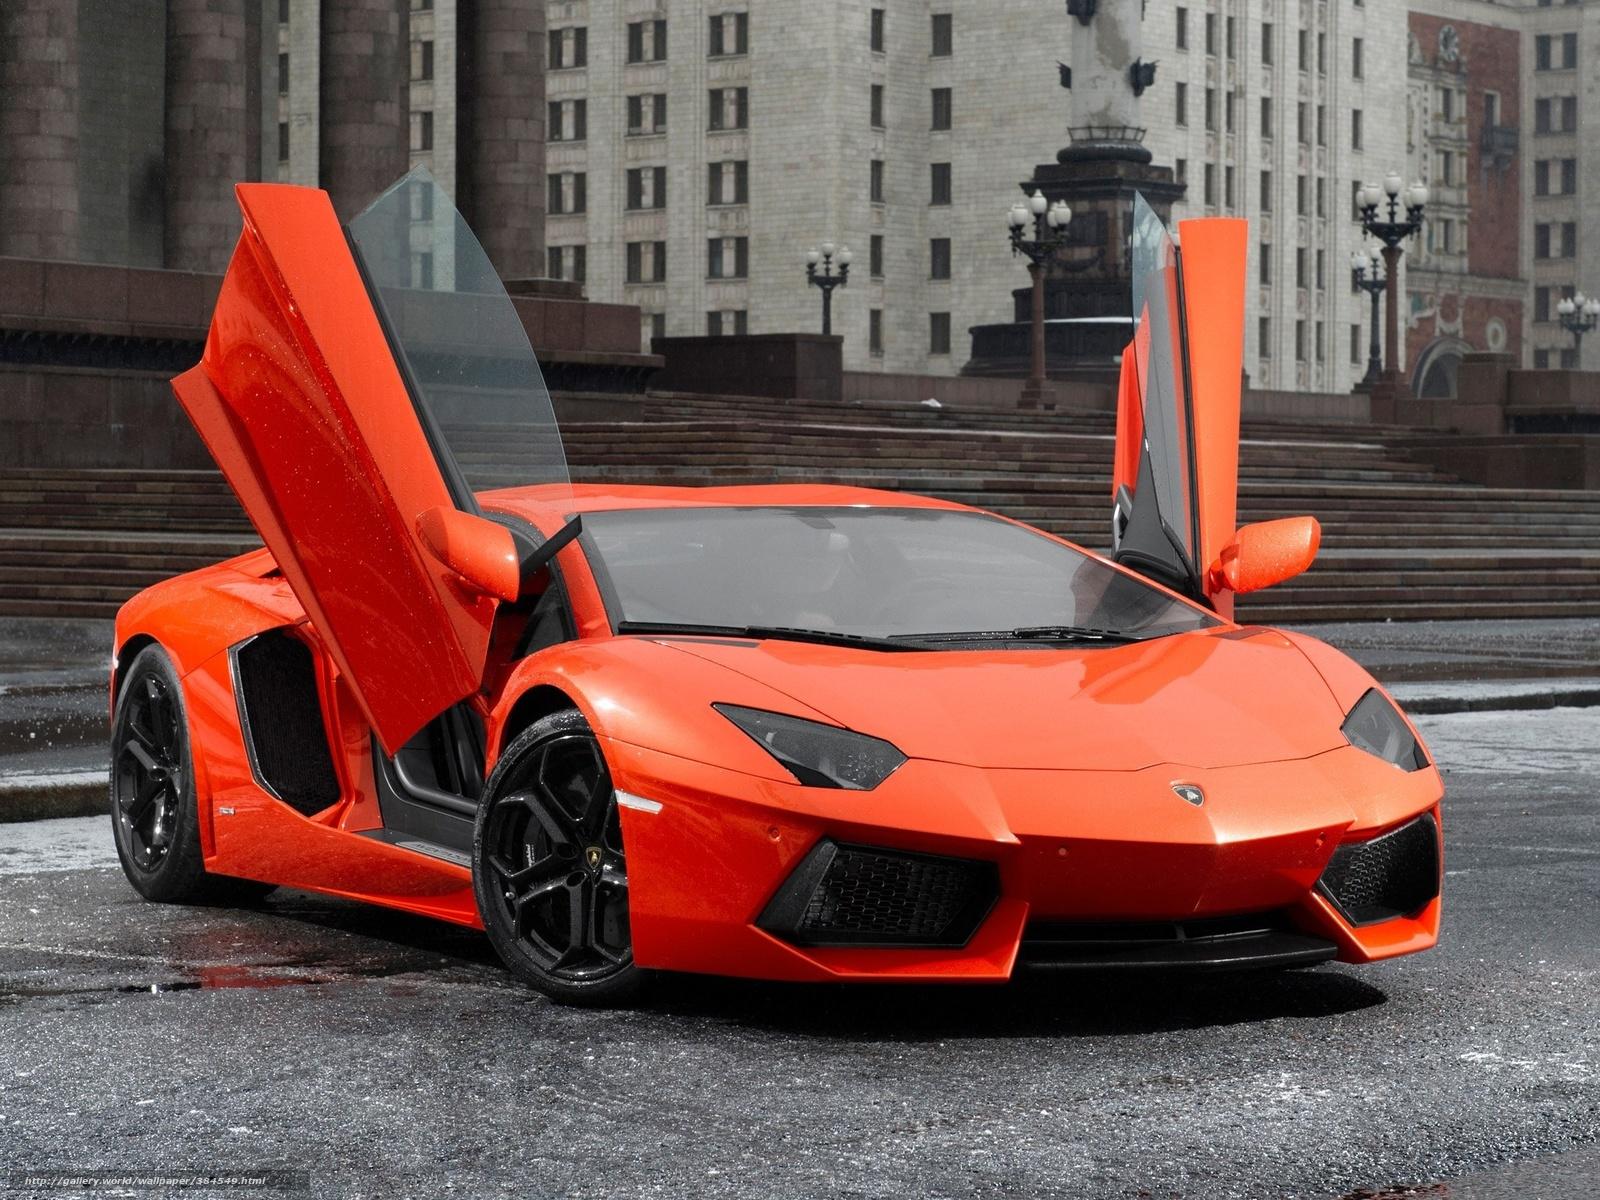 Download Wallpaper Lamborghini Aventador Red Cars Free